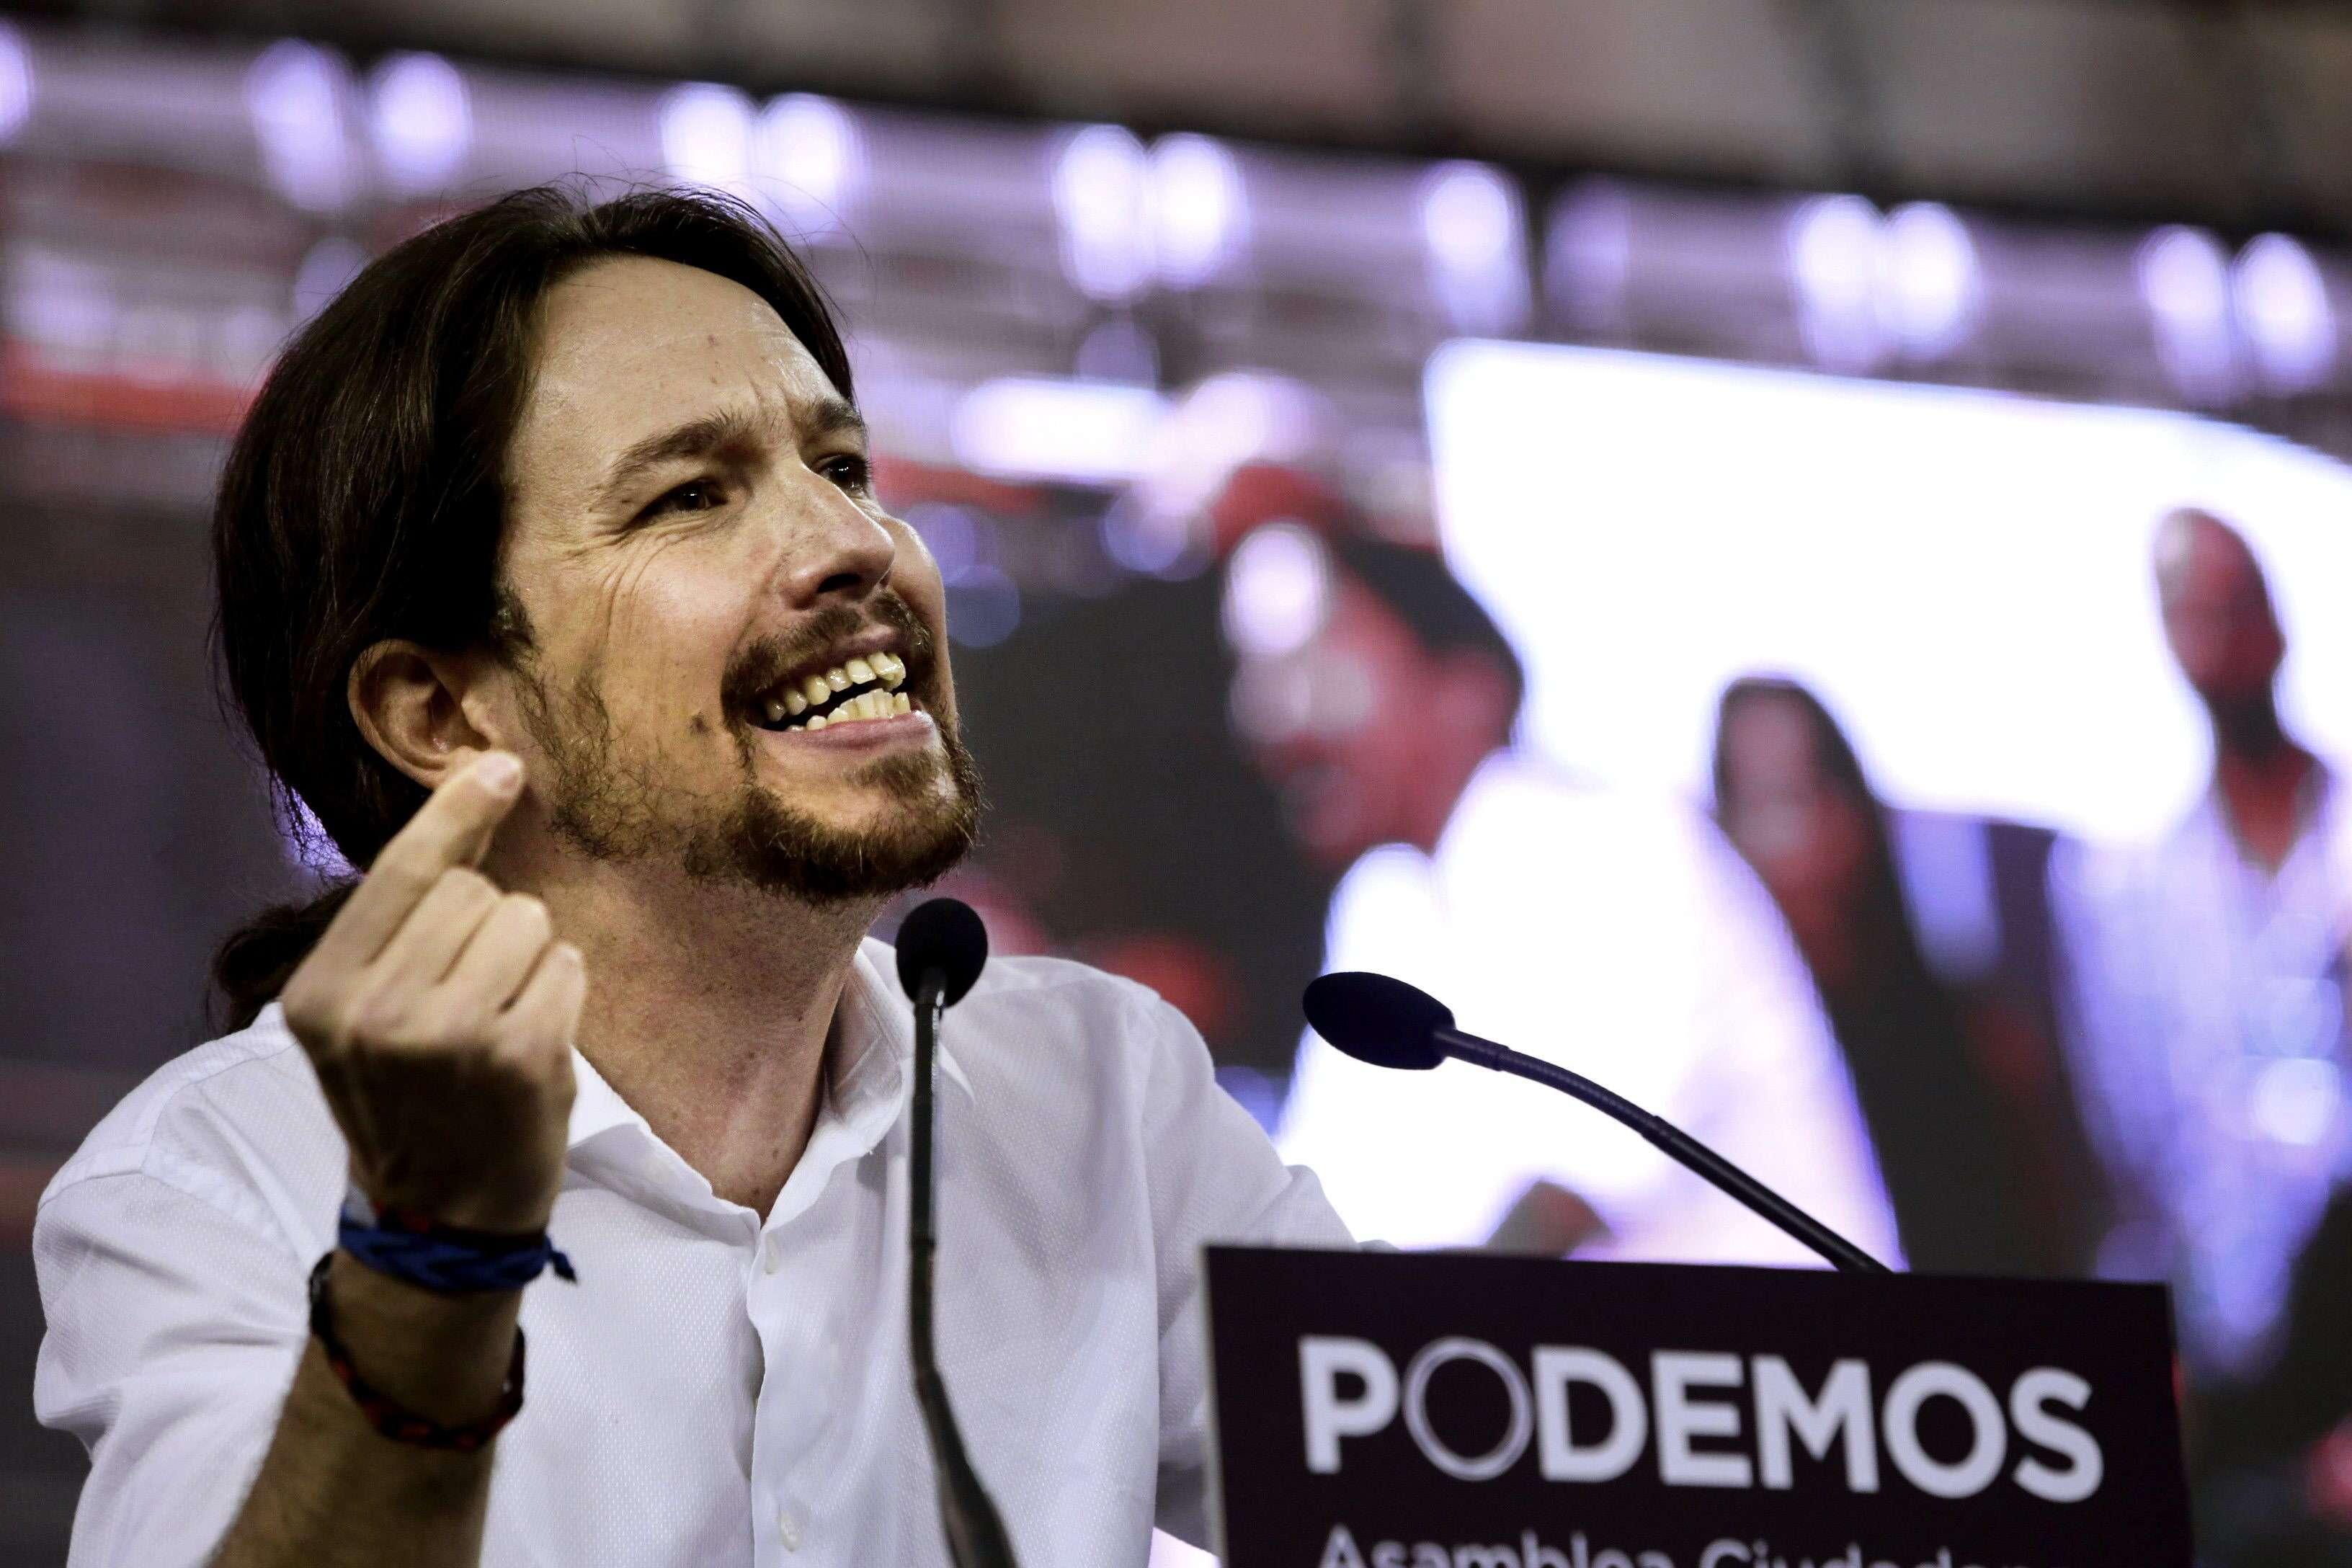 """El líder de Podemos, Pablo Iglesias, interviene en la Asamblea Ciudadana """"Sí Se Puede"""", que durante dos días someterá a examen las propuestas presentadas por los diferentes equipos sobre el modelo de partido que quieren construir, su organización y sus principios éticos y políticos. Foto: EFE en español"""